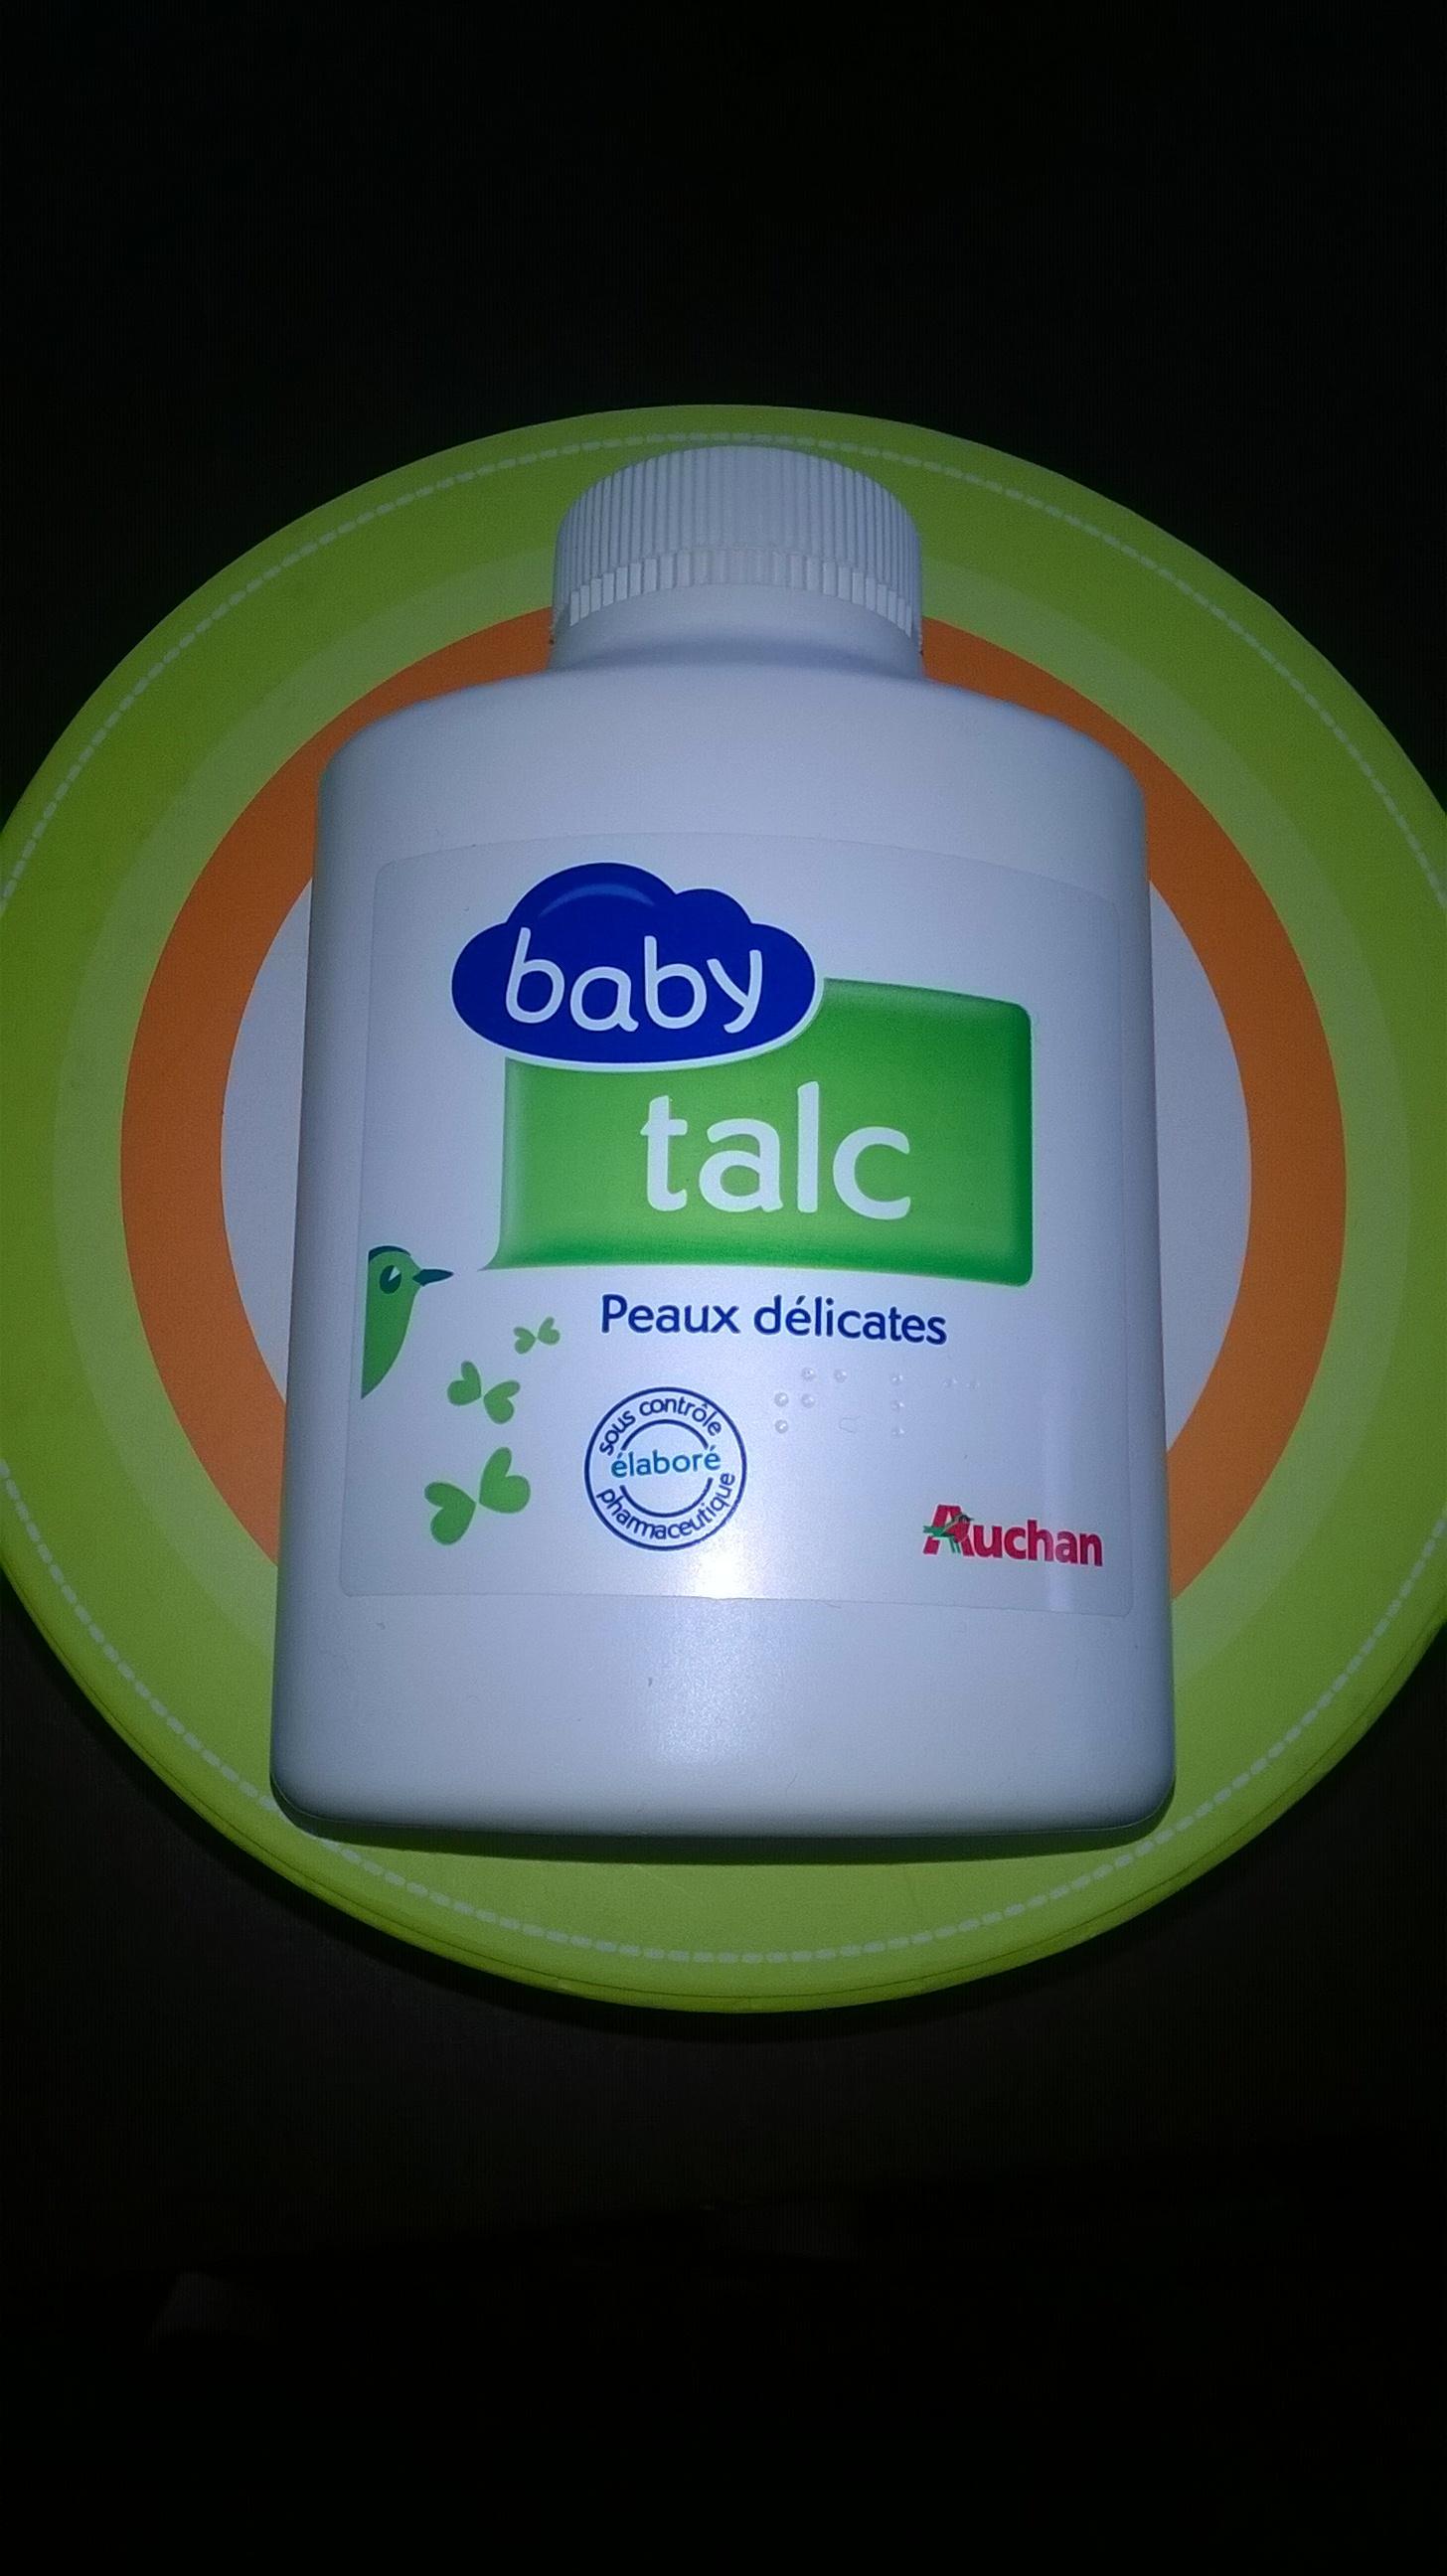 WP_20141002_033[1].jpg de Talc Baby de Auchan